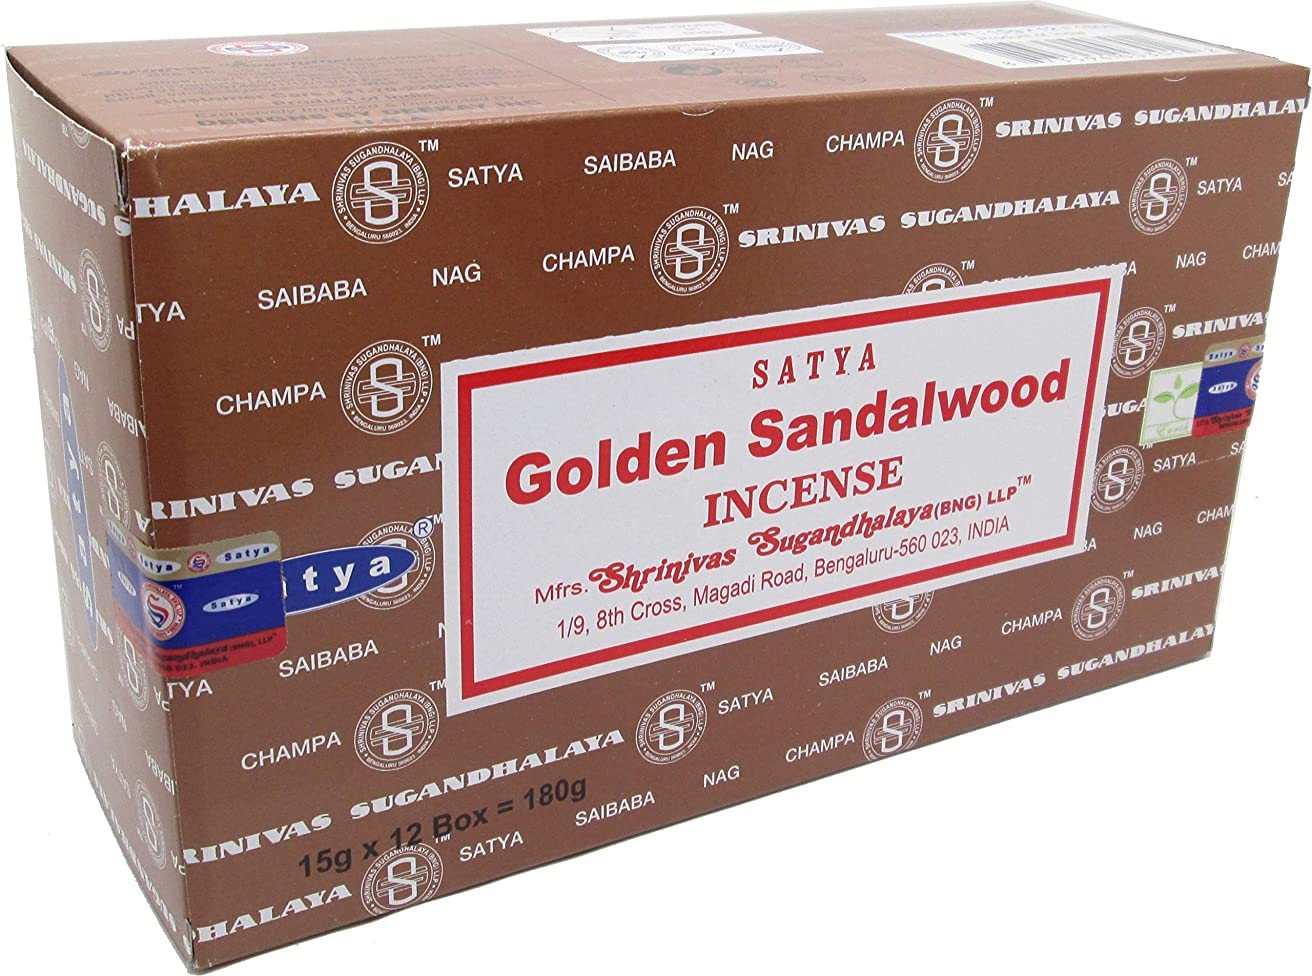 おんどり白菜ネットCultural Exchange Satya Sai Baba ゴールデンサンダルウッドお香スティック [プリパック] 15 grams ブラウン 152068